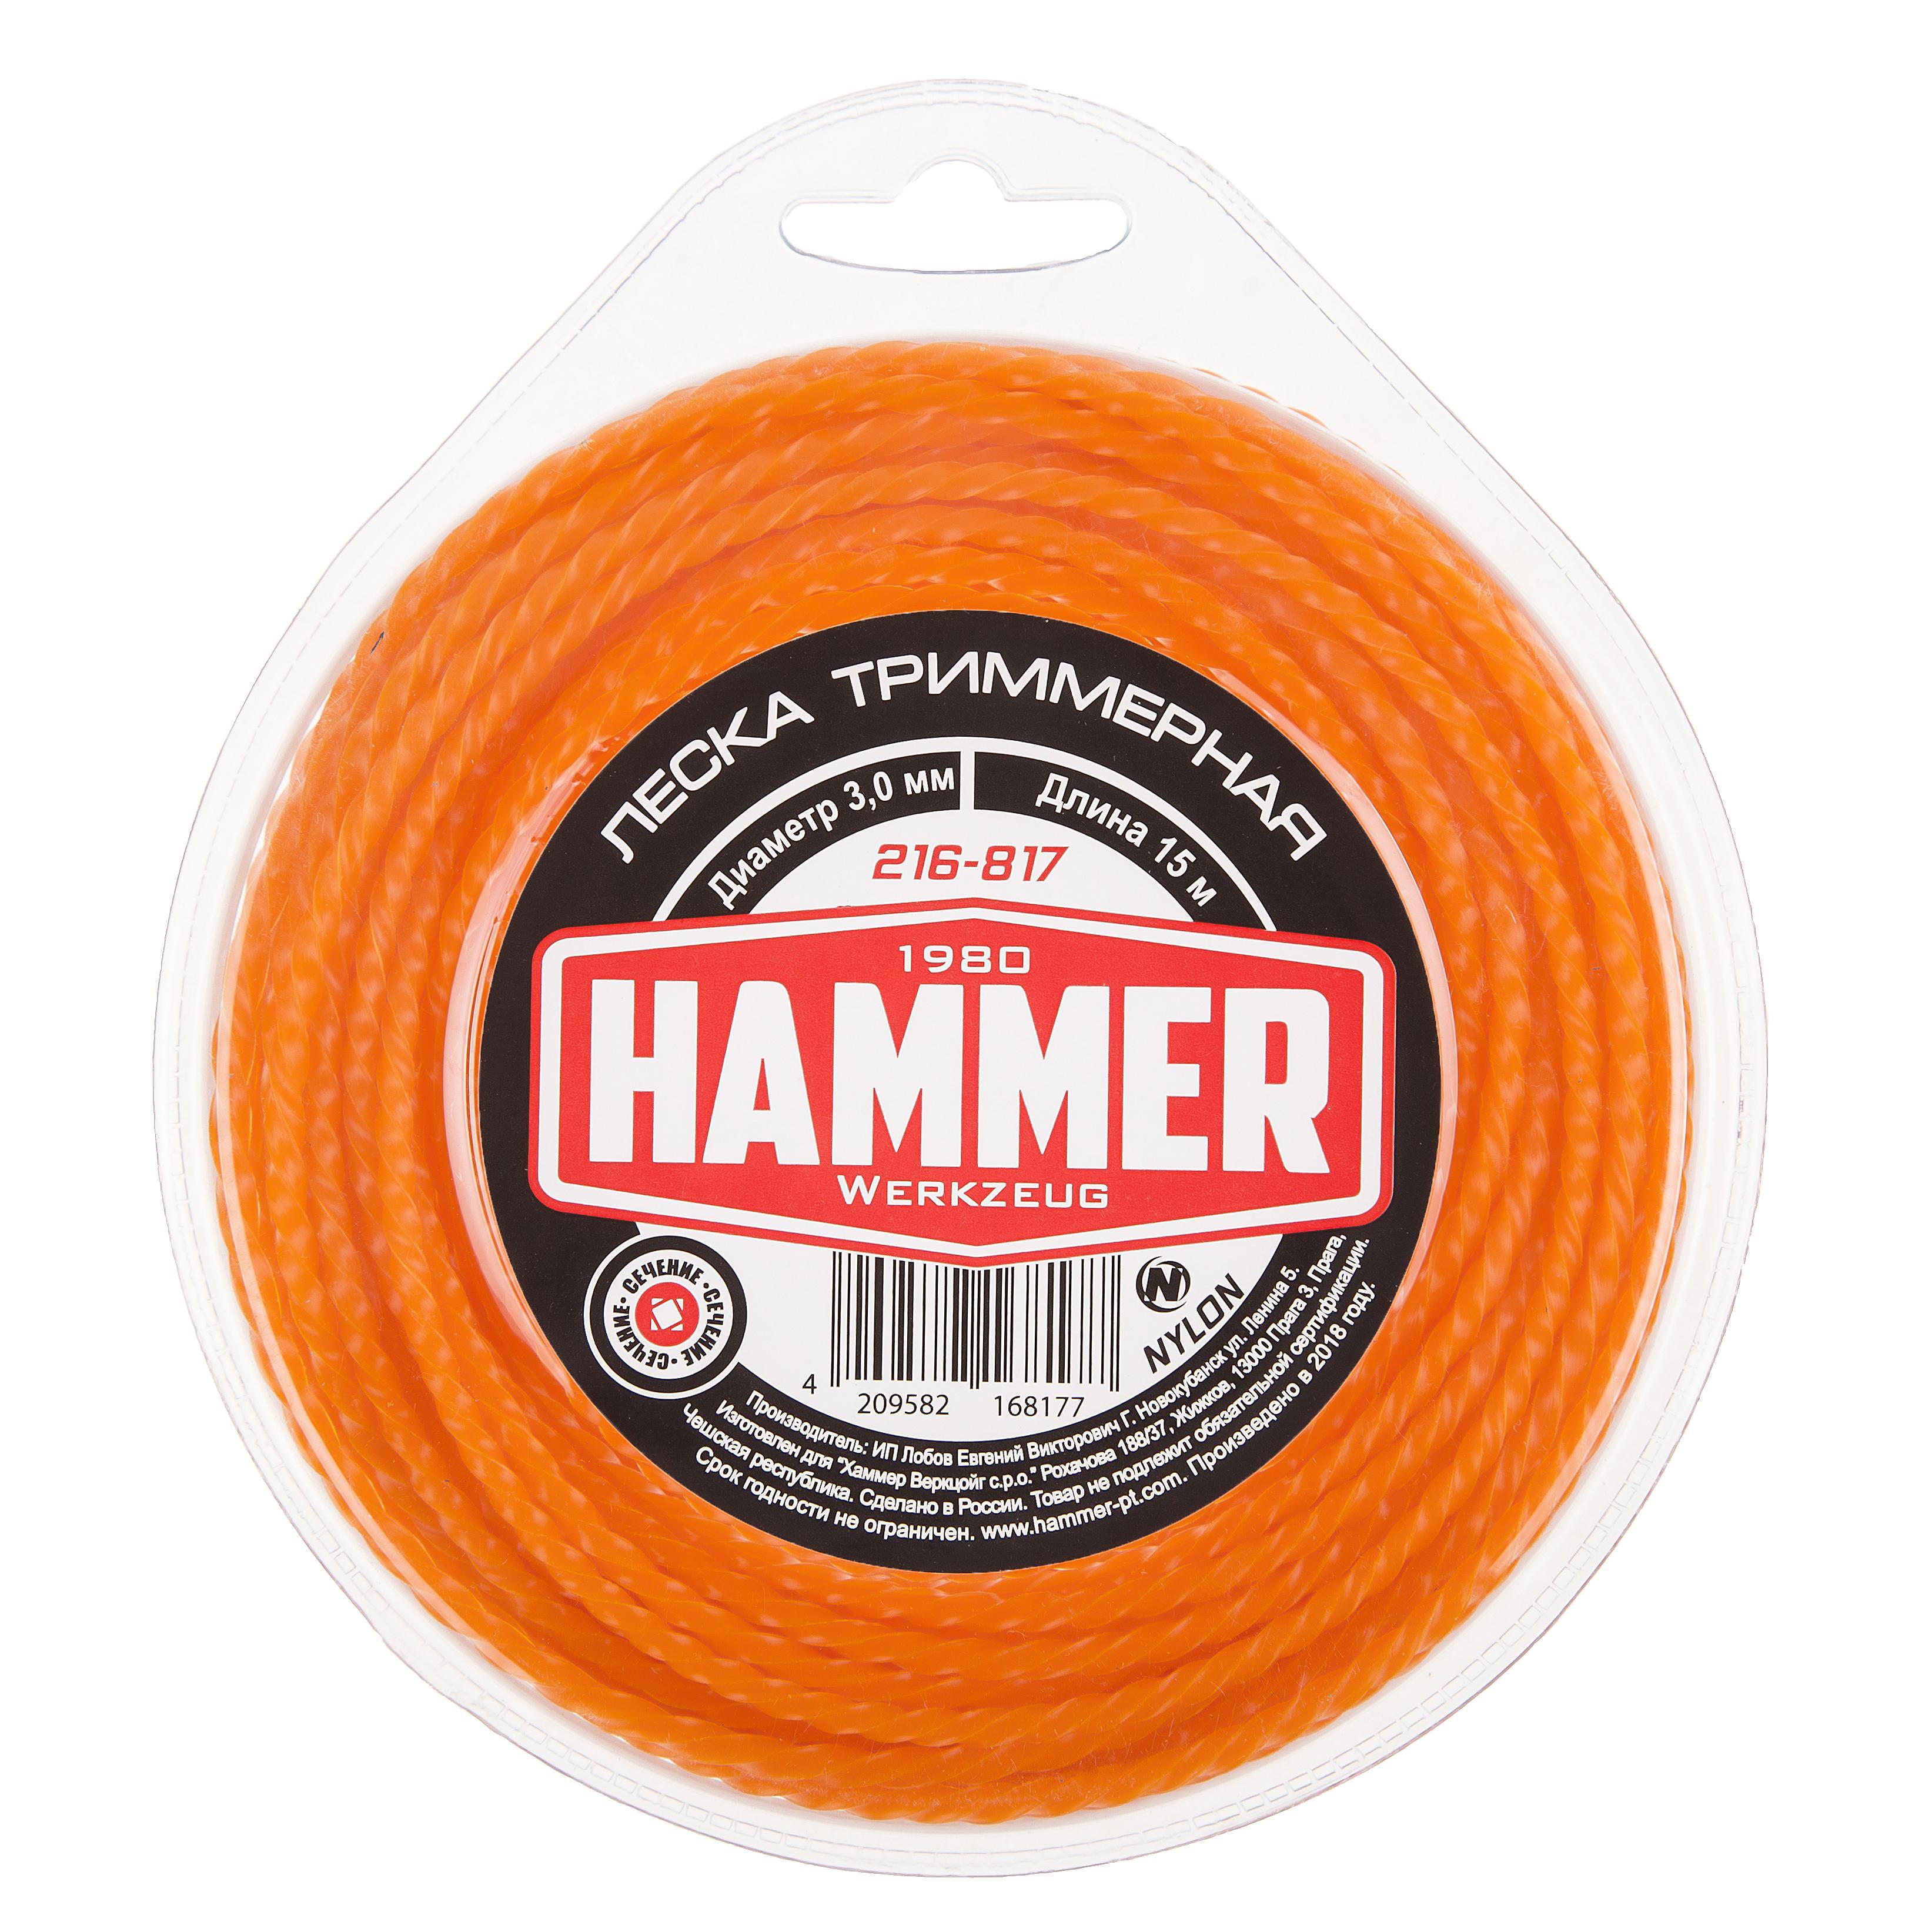 Леска для триммеров Hammer 216-817 цена